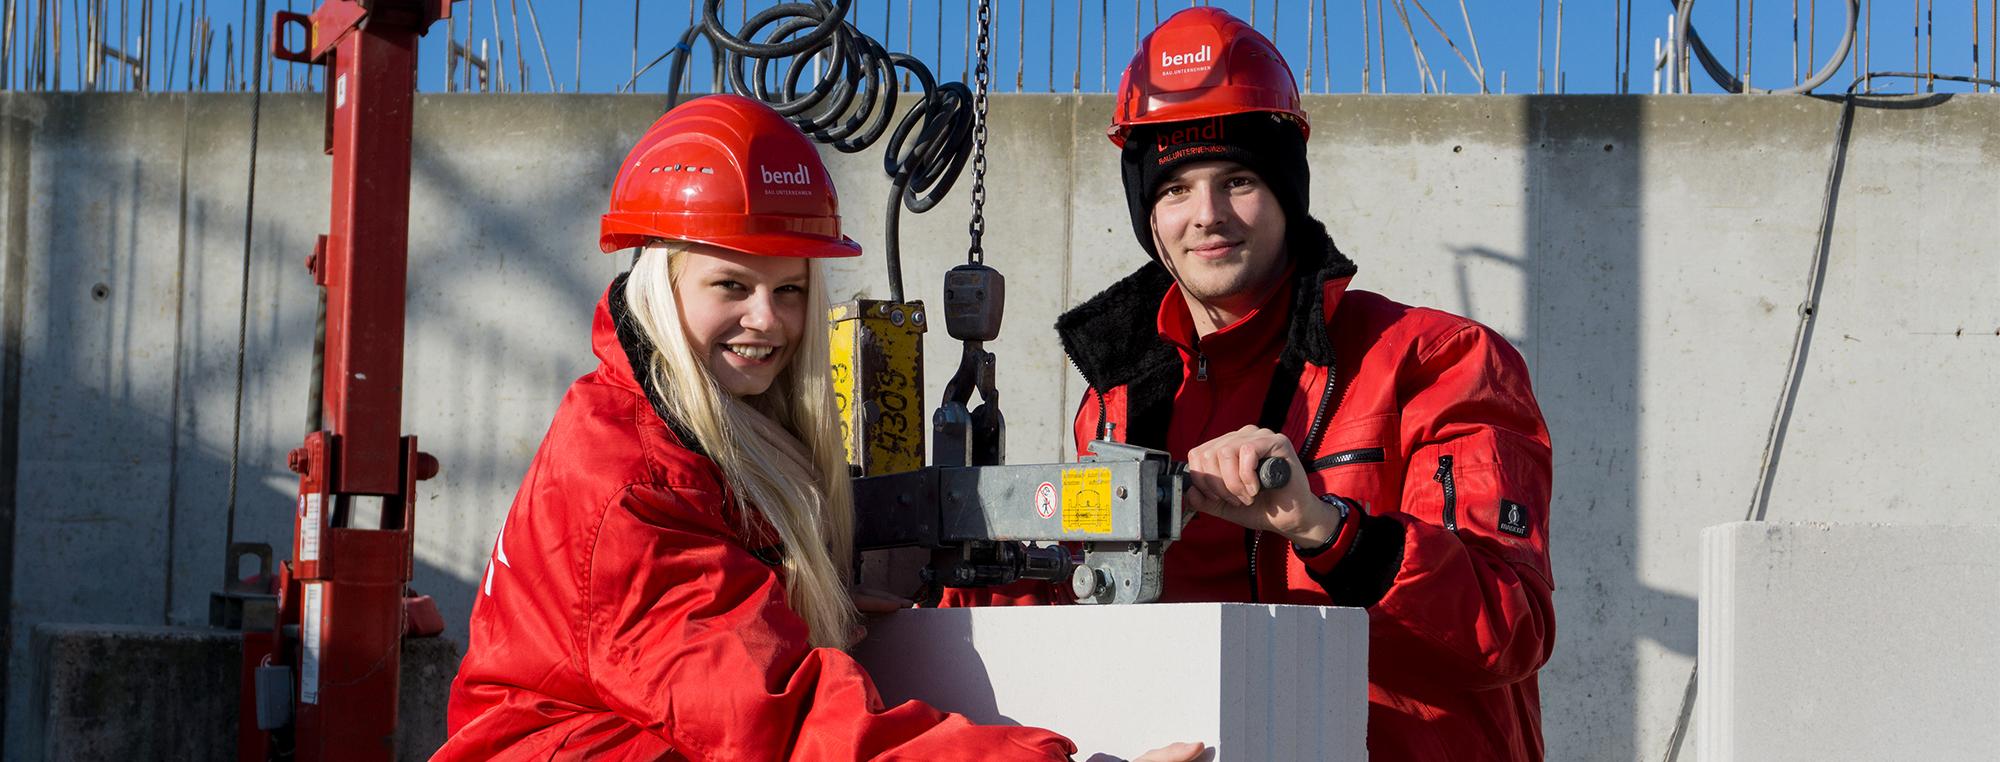 Die Rekordpraktikanten Charlotte und Marvin beim Bauunternehmen bendl in Günzburg